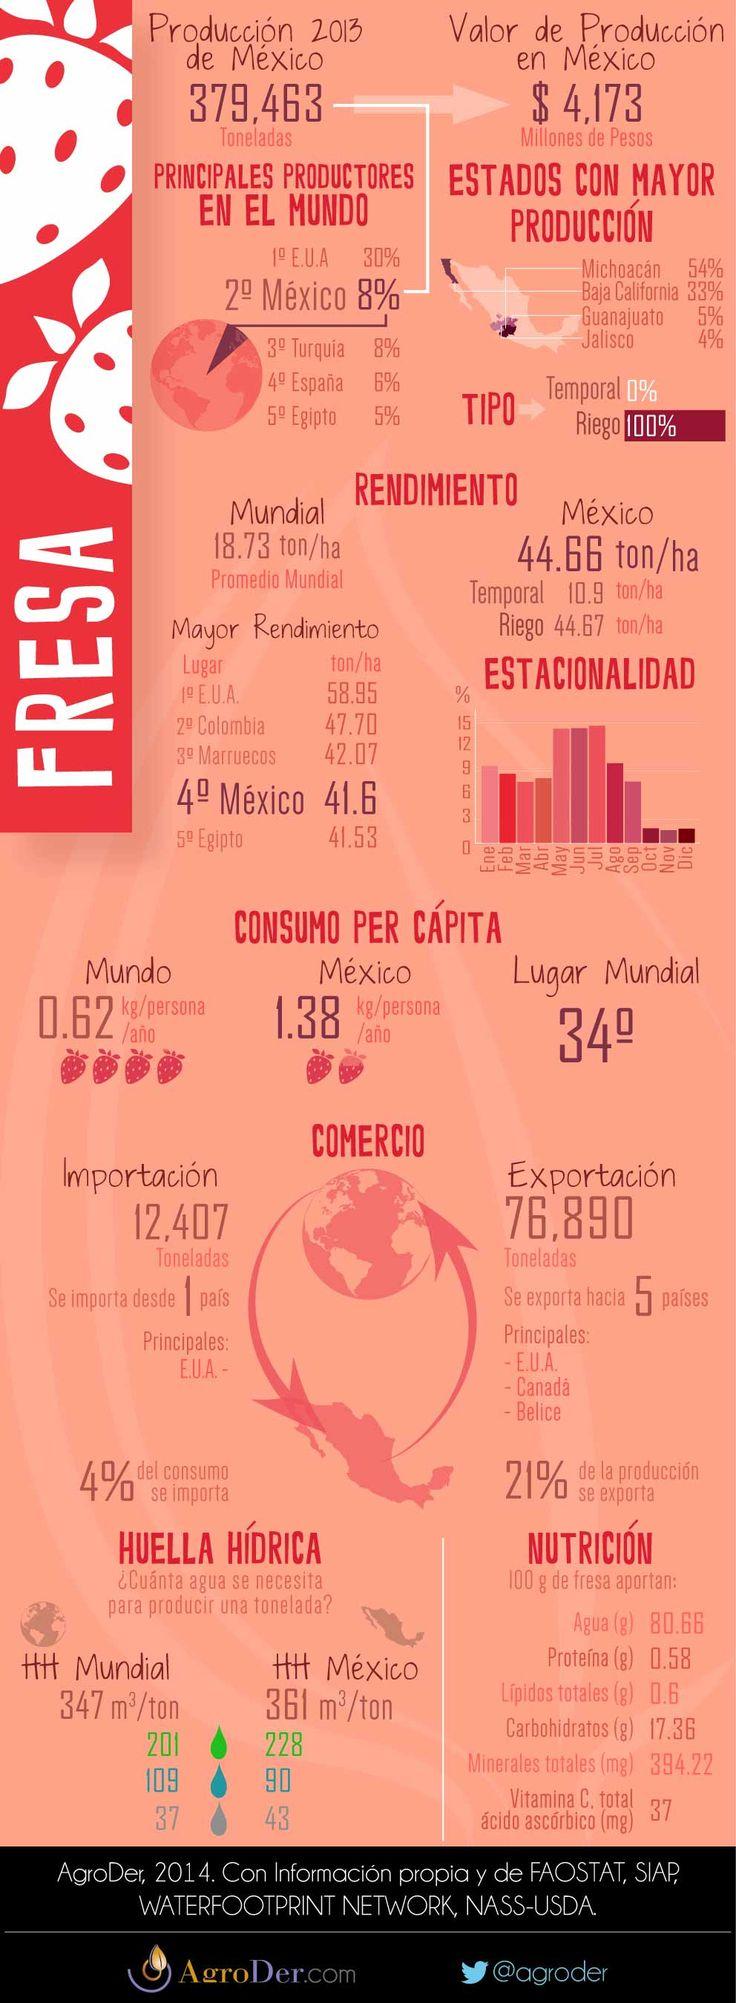 Infografía - Fresa en México, 2013.